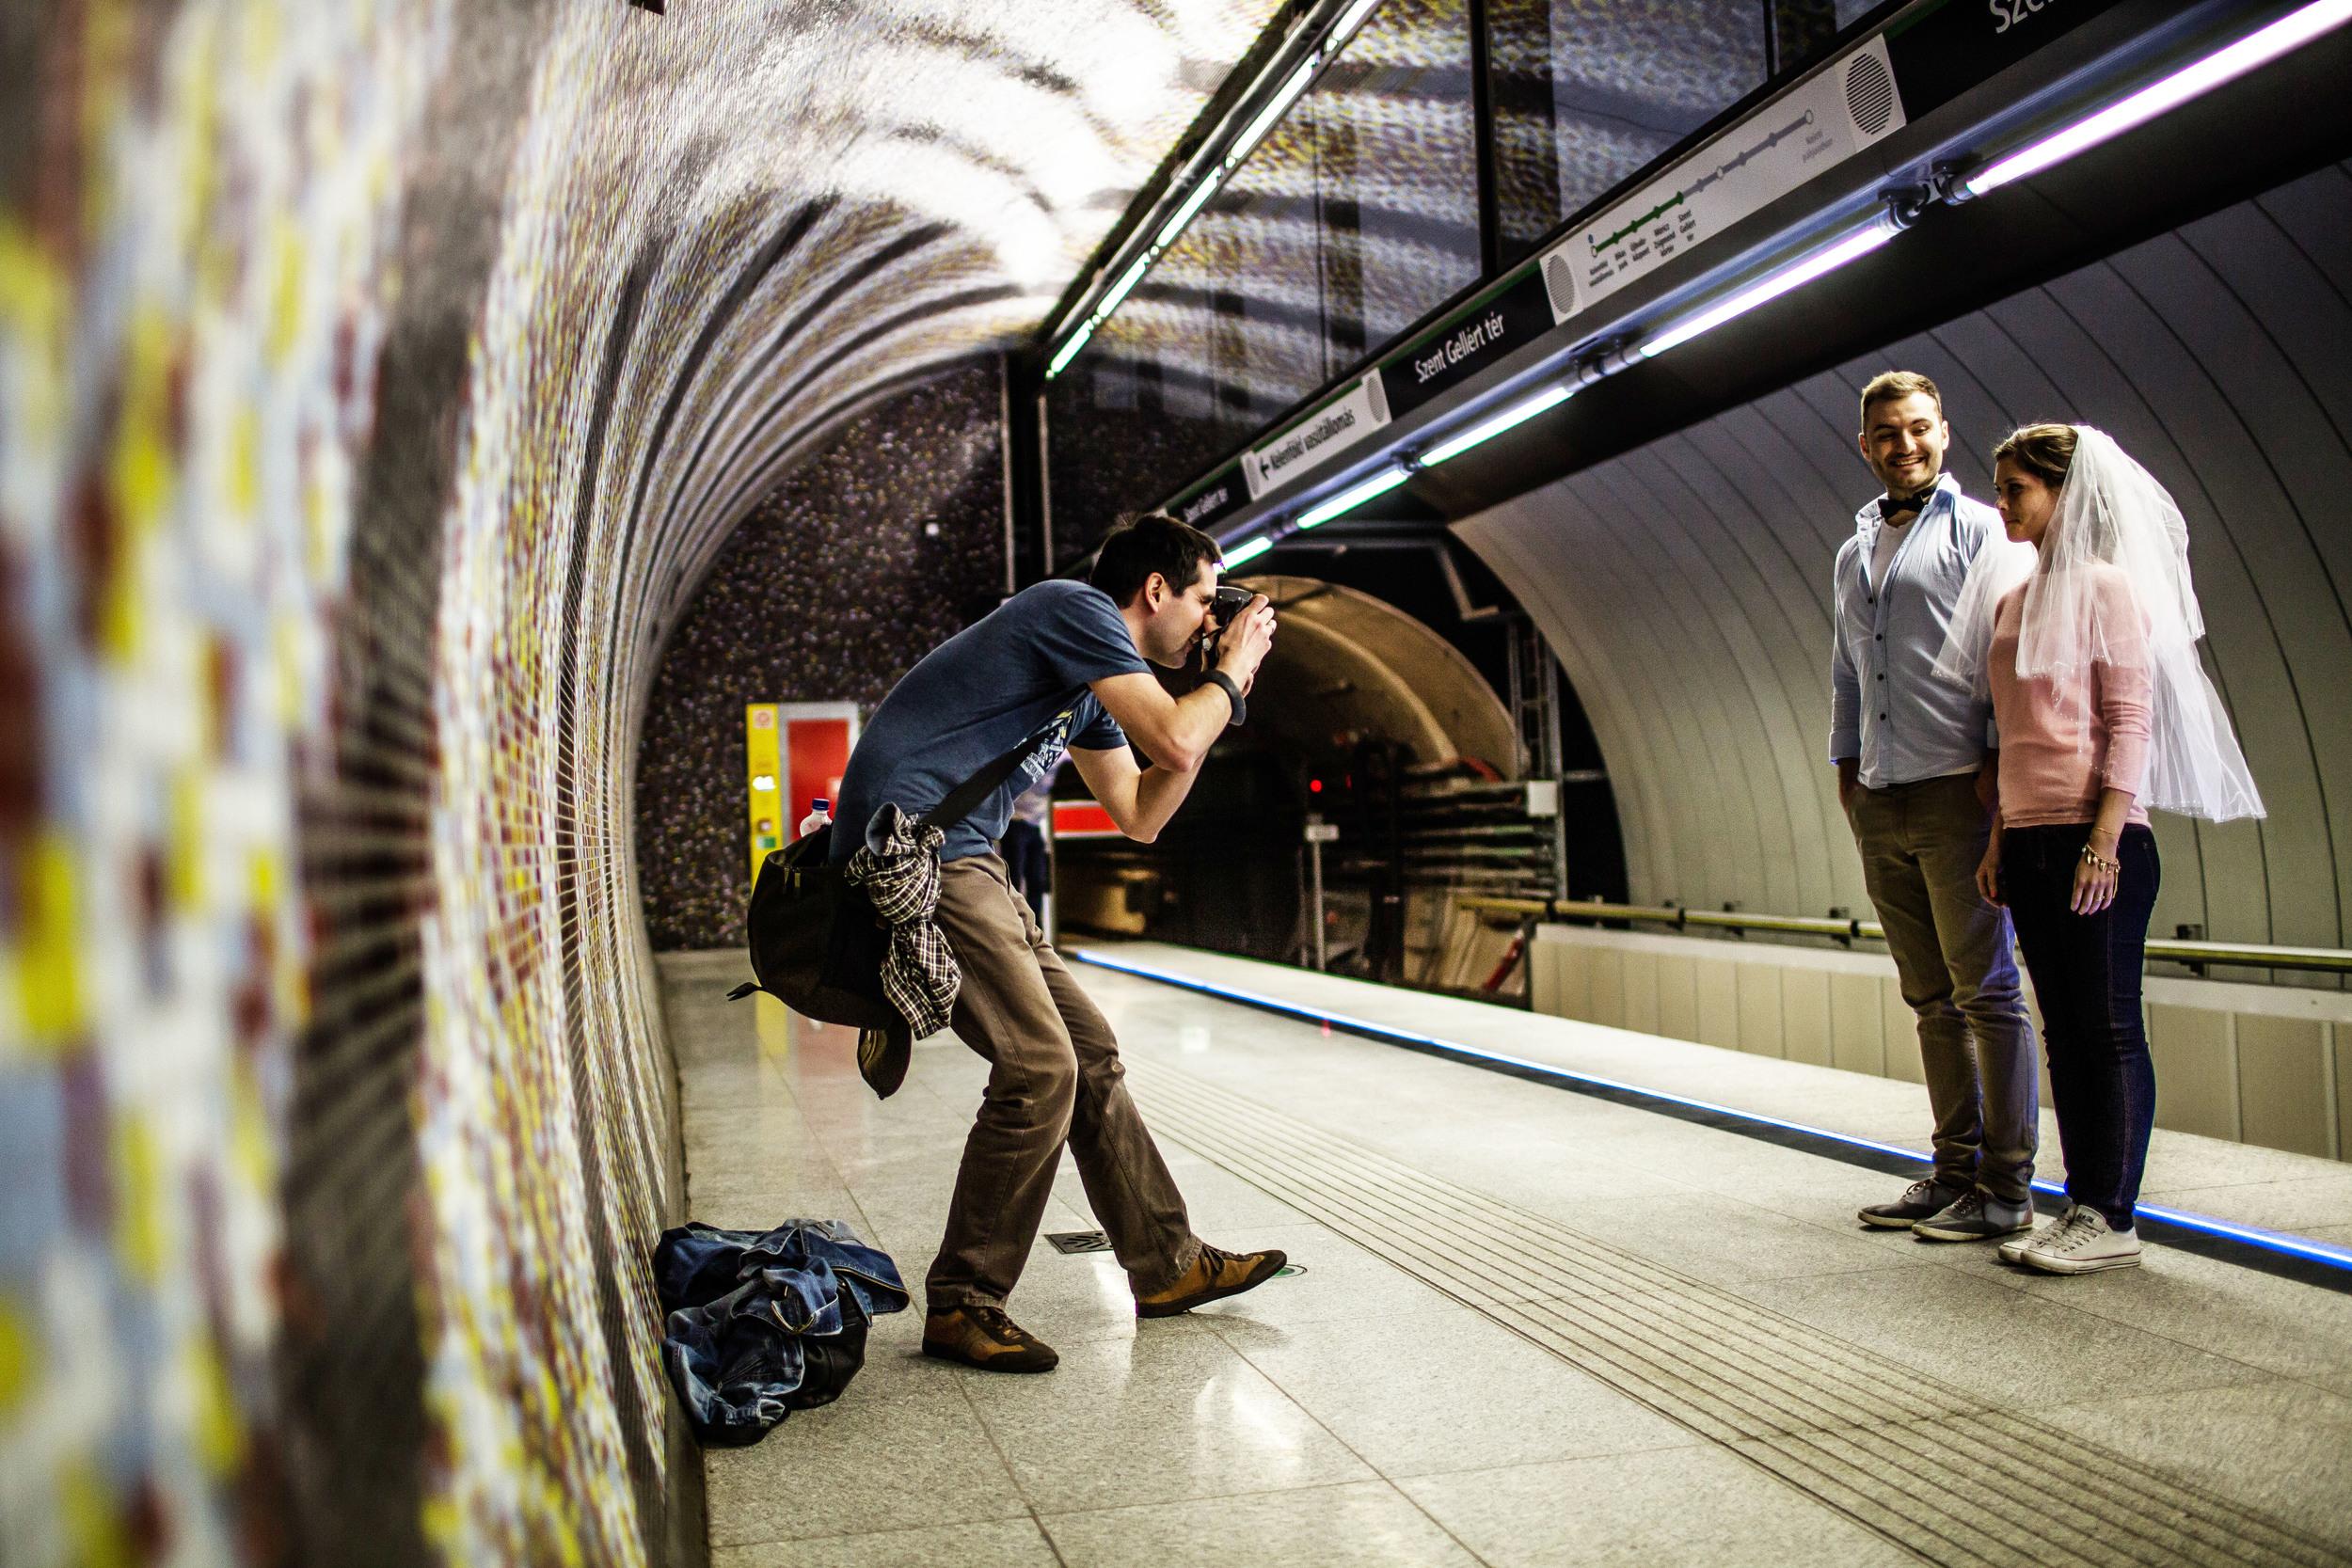 A budapesti metróállomások három amerikai és egy svájci állomással versenyeztek, végül a zsűri díját és a közönségdíjat is hazavihették. A Fővám téri és a Szent Gellért téri megálló egy fiatal magyar építésziroda, a Spora Architects munkája.